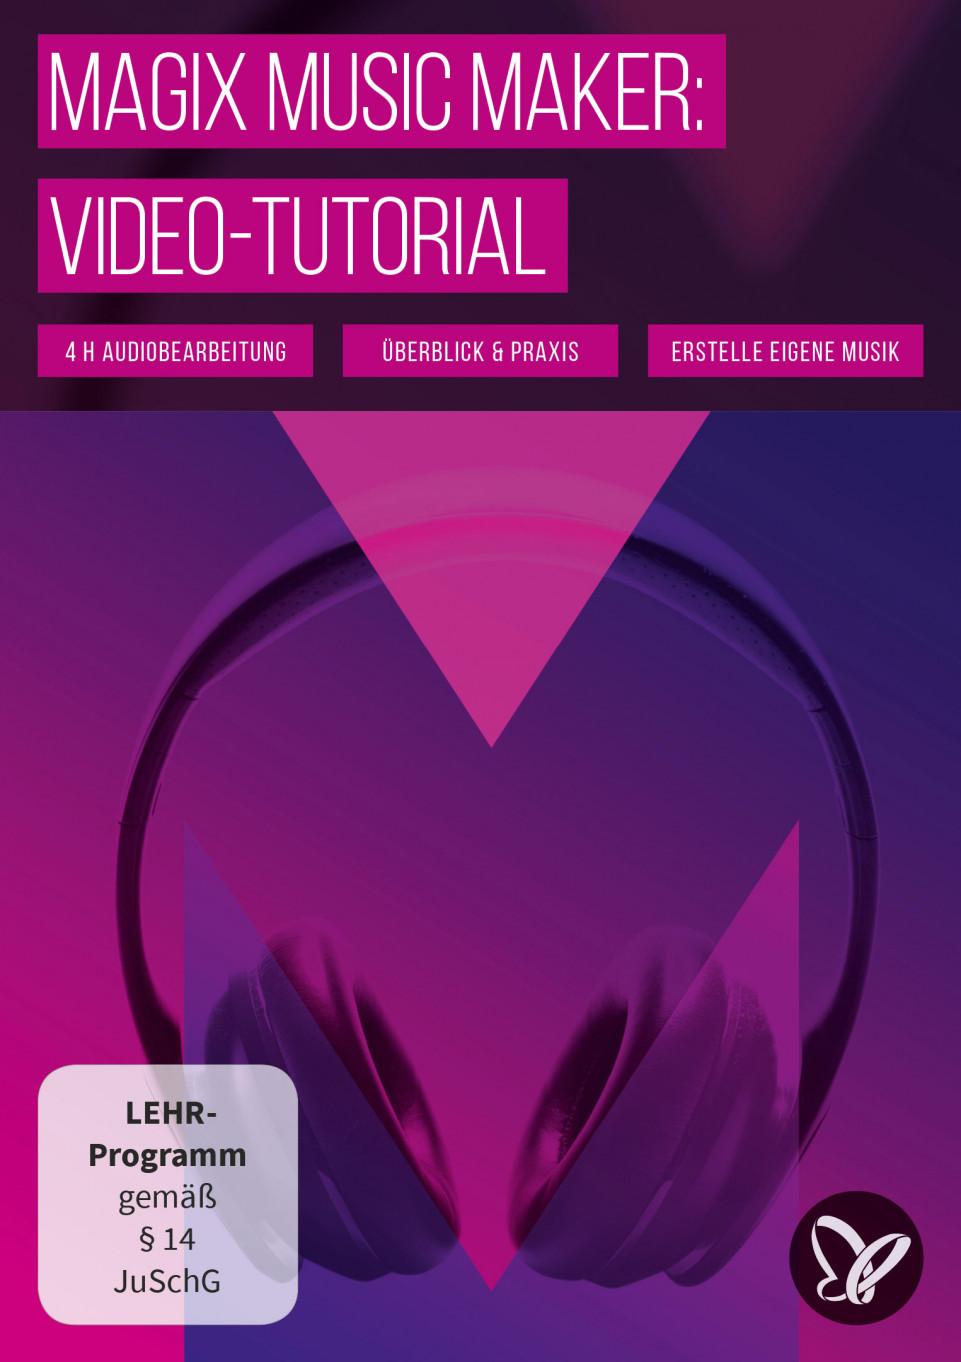 Eigene Musik erstellen mit Magix Music Maker – Tutorial zur Audiobearbeitung